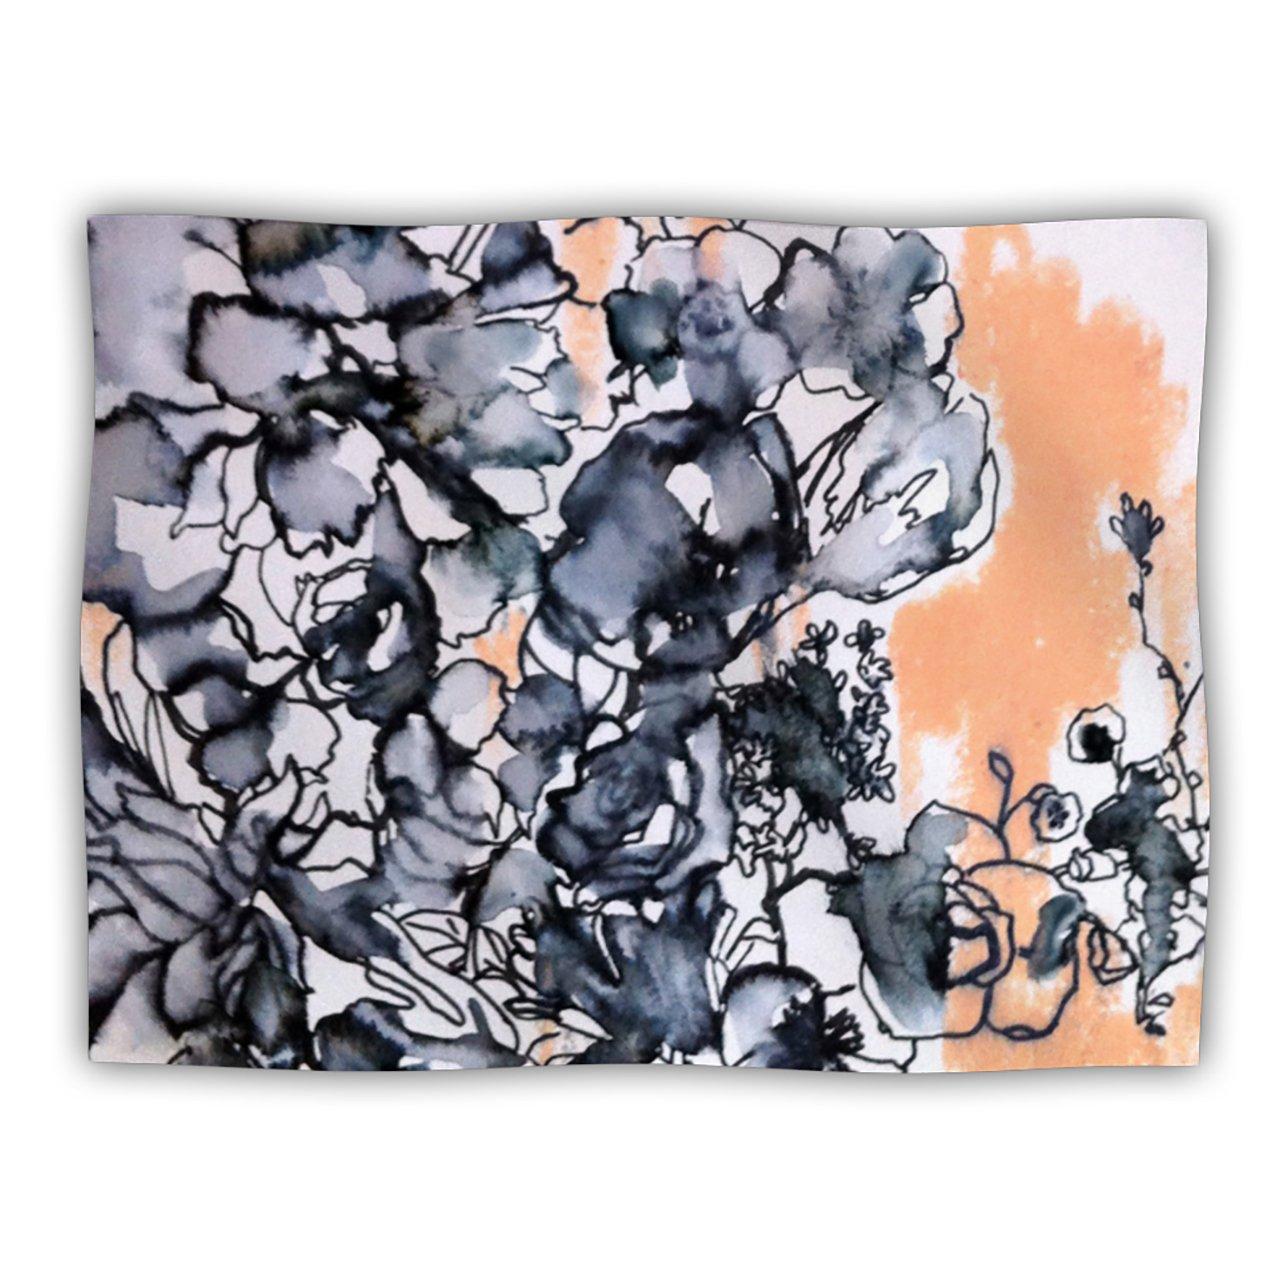 Kess InHouse Sonal Nathwani Inky Bouquet  Pet Blanket, 60 by 50-Inch